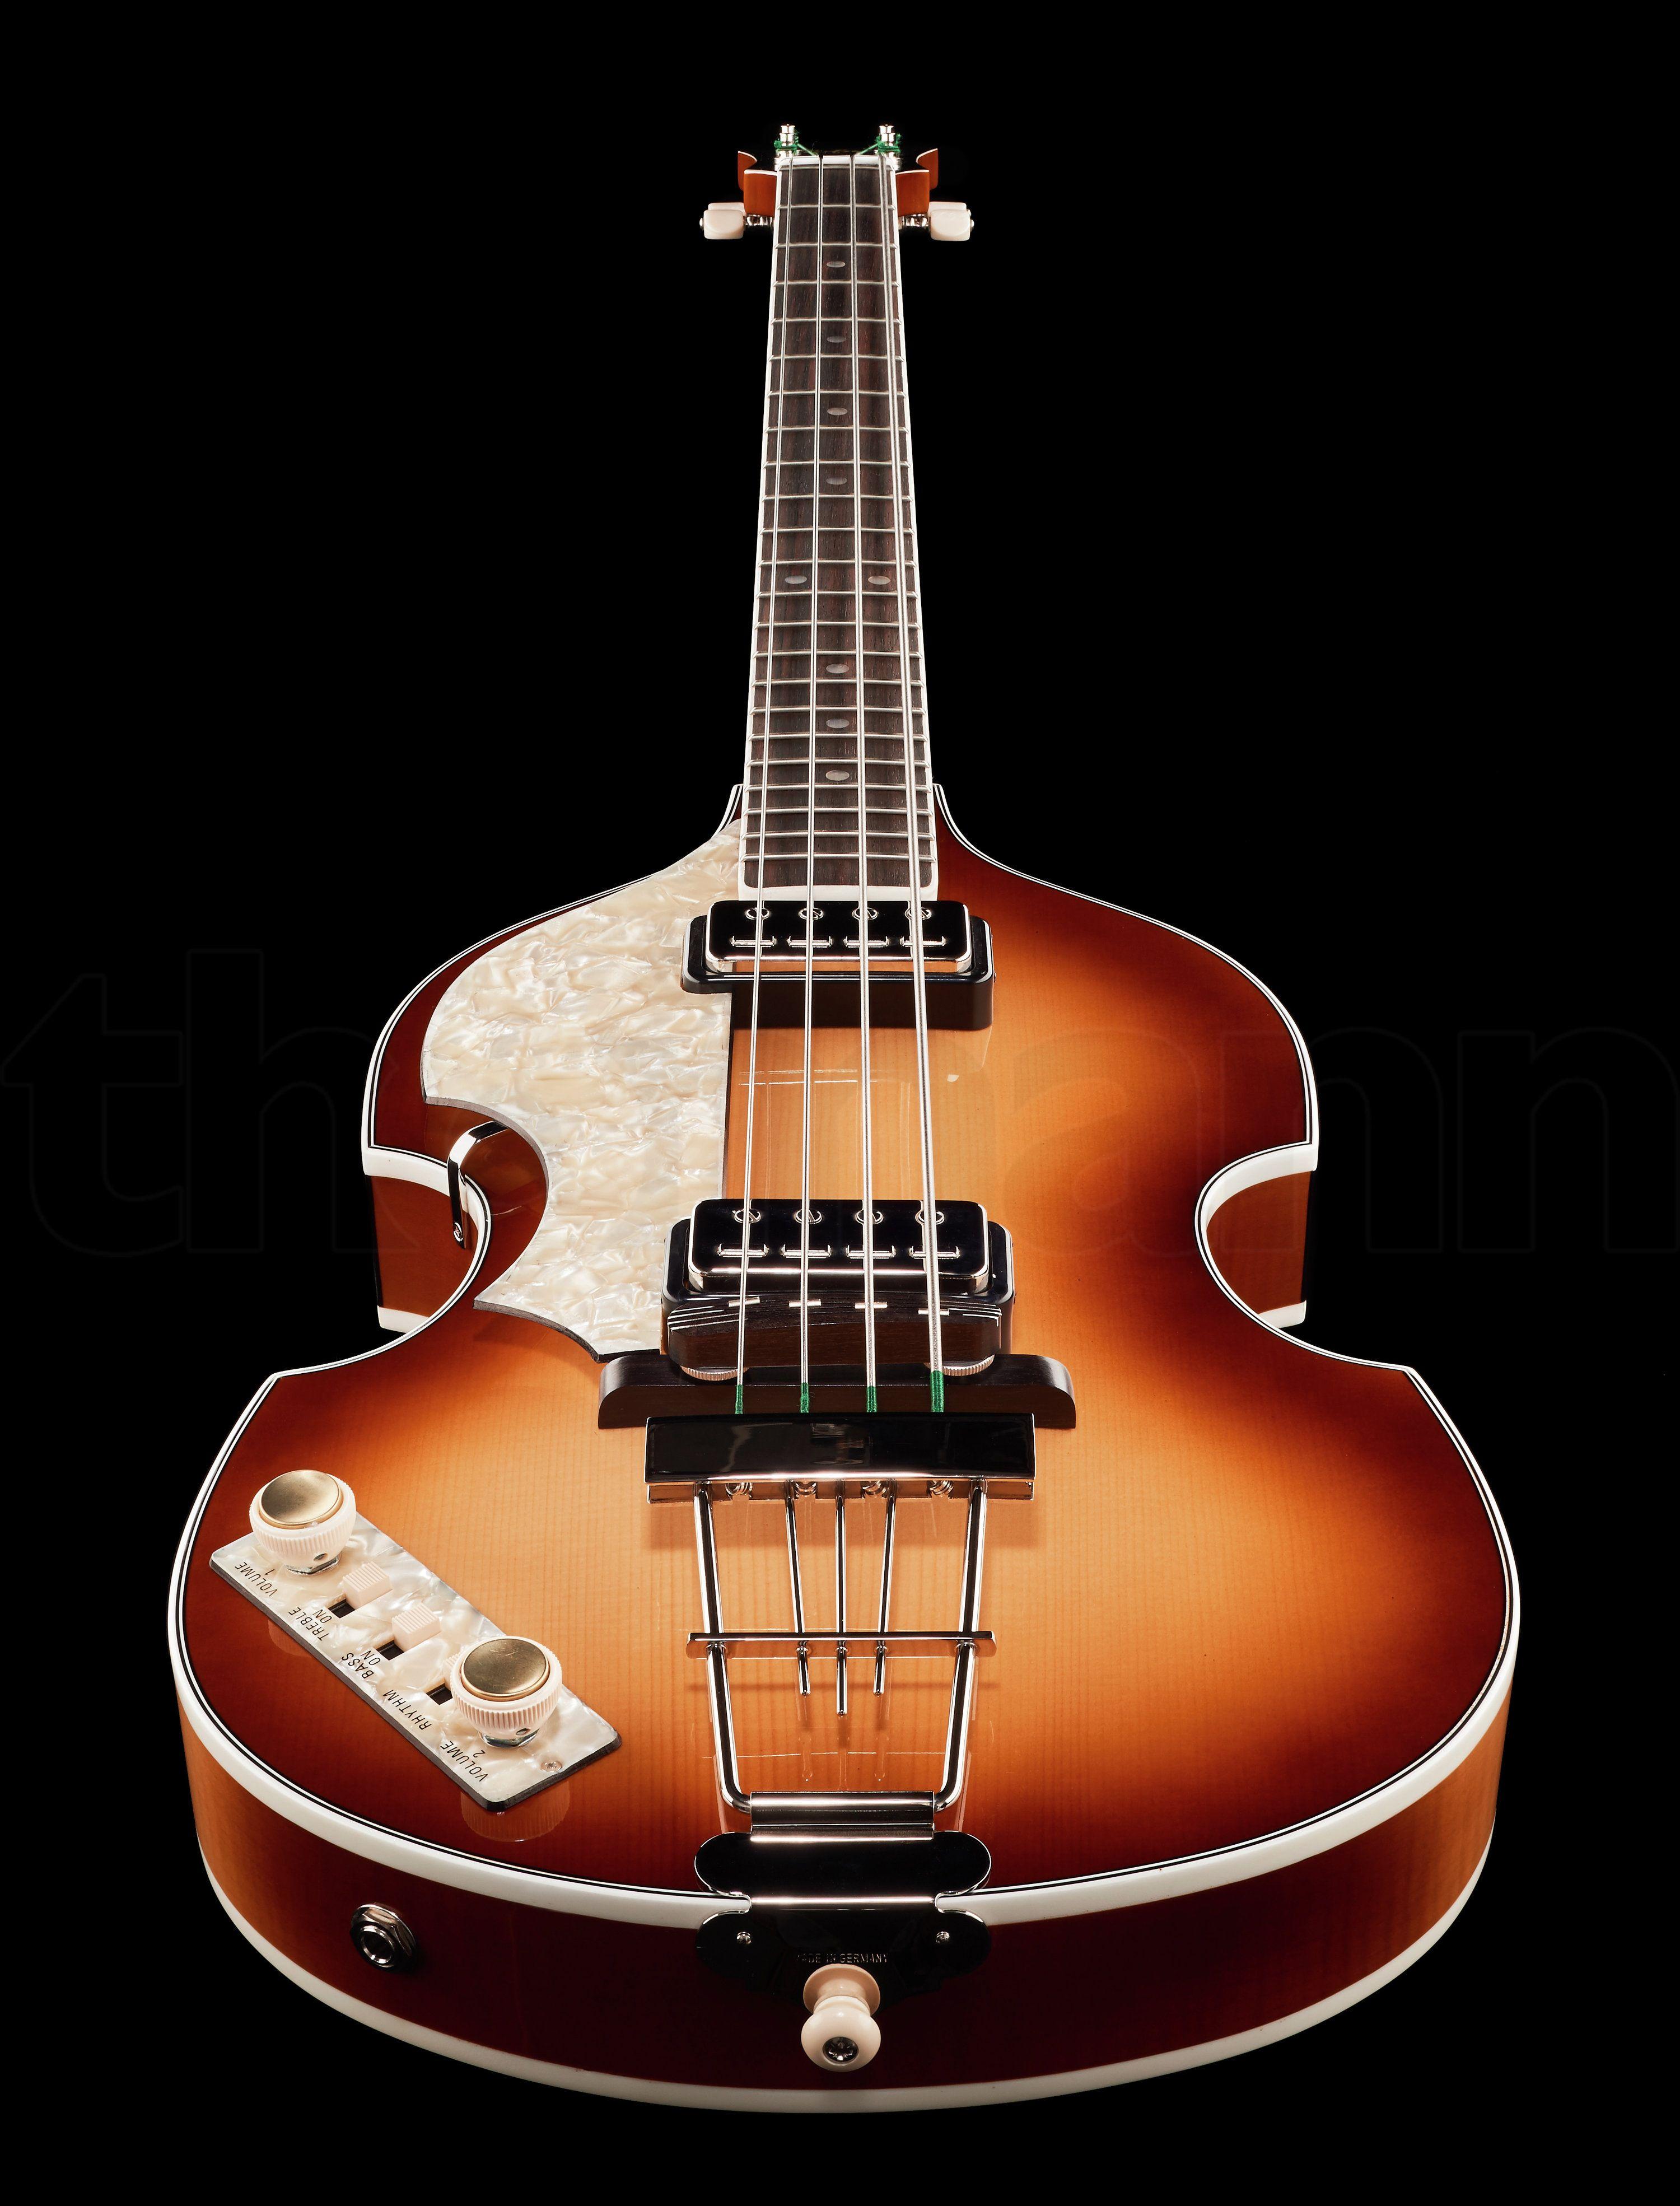 Höfner 500/1-64L-0 Violin Bass | Left-Handed Bass Guitars in